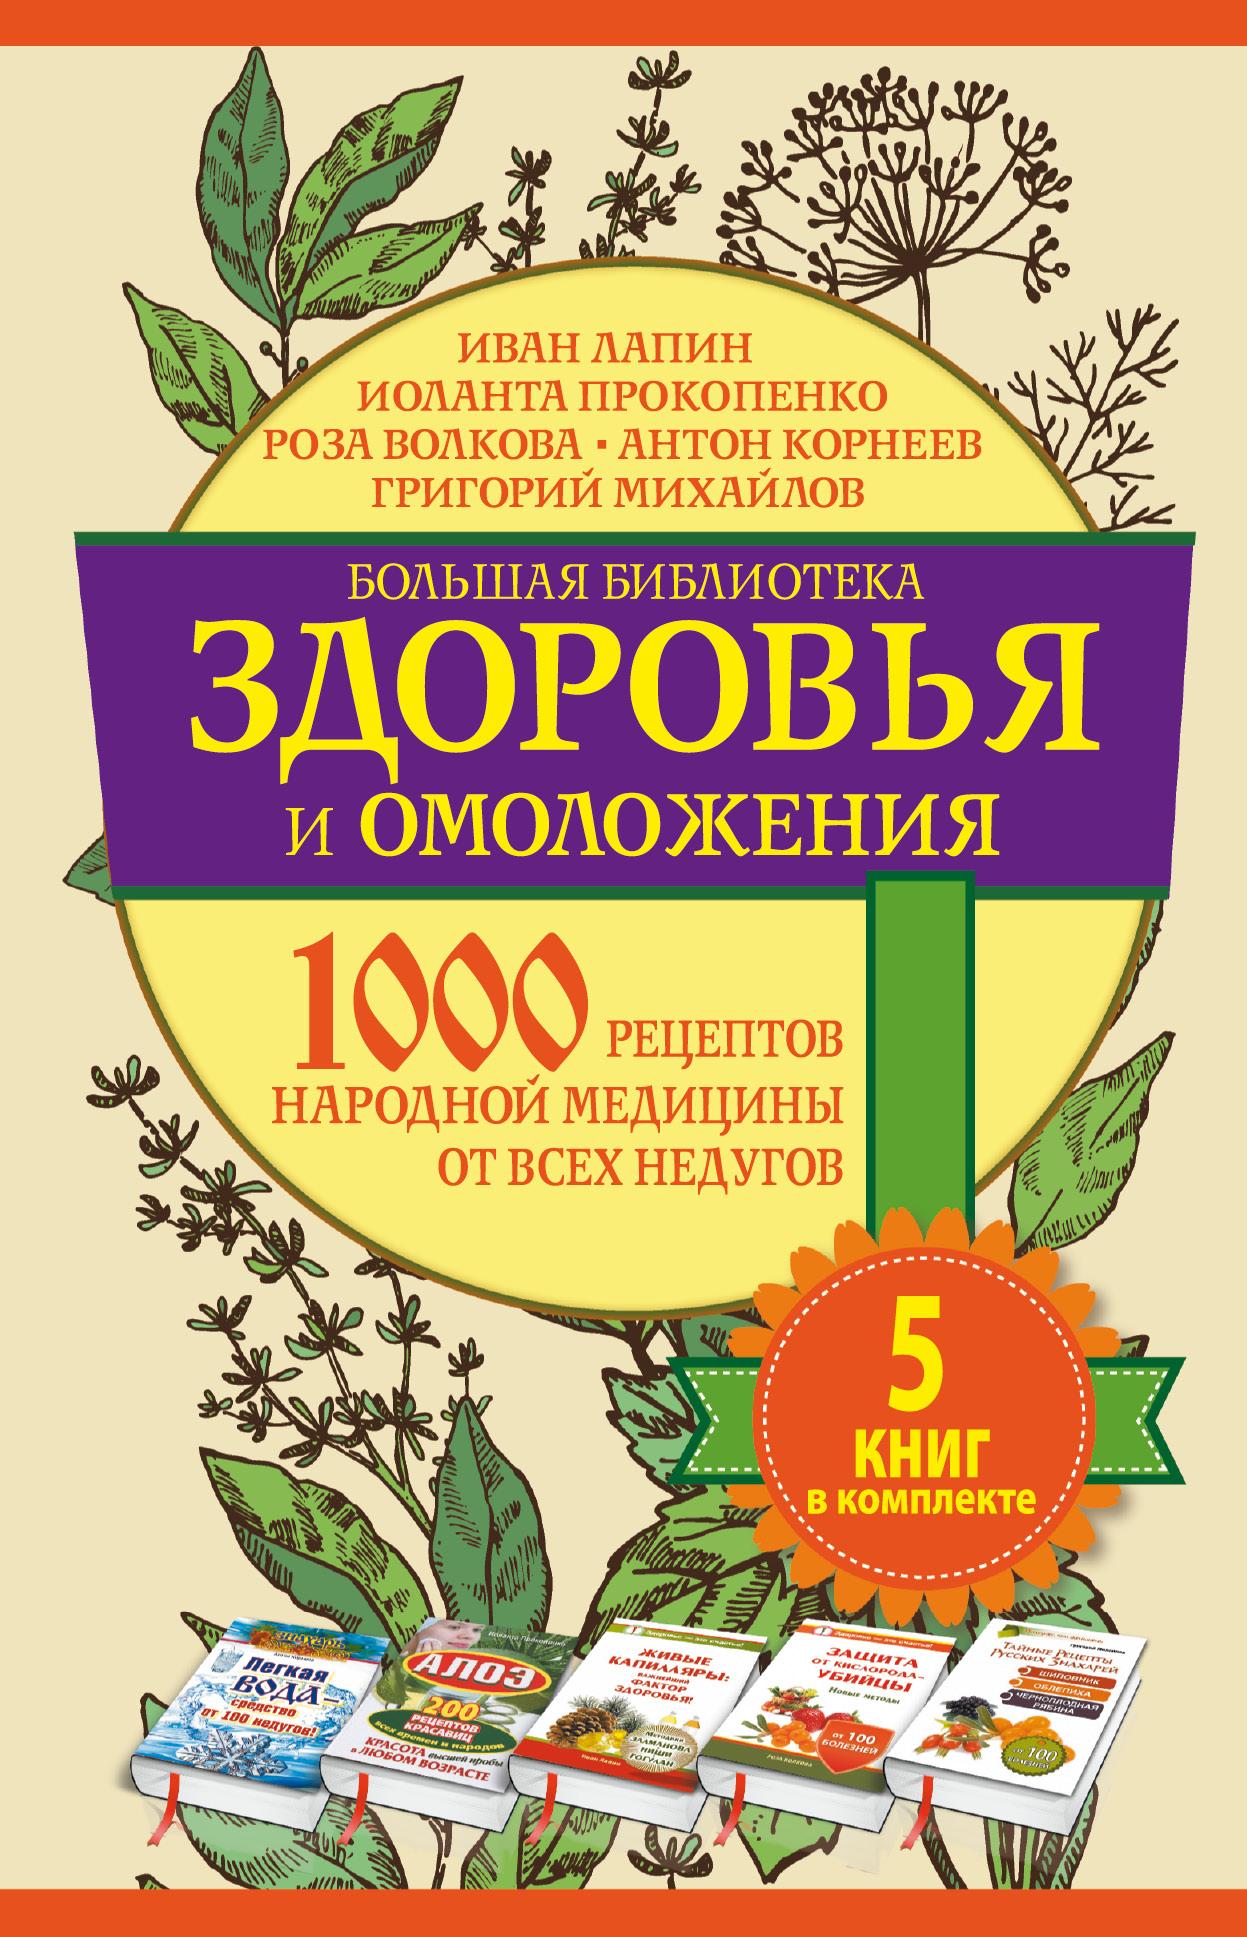 Большая библиотека здоровья и омоложения. 1000 рецептов народной медицины от всех недугов. 5 книг в комплекте от book24.ru